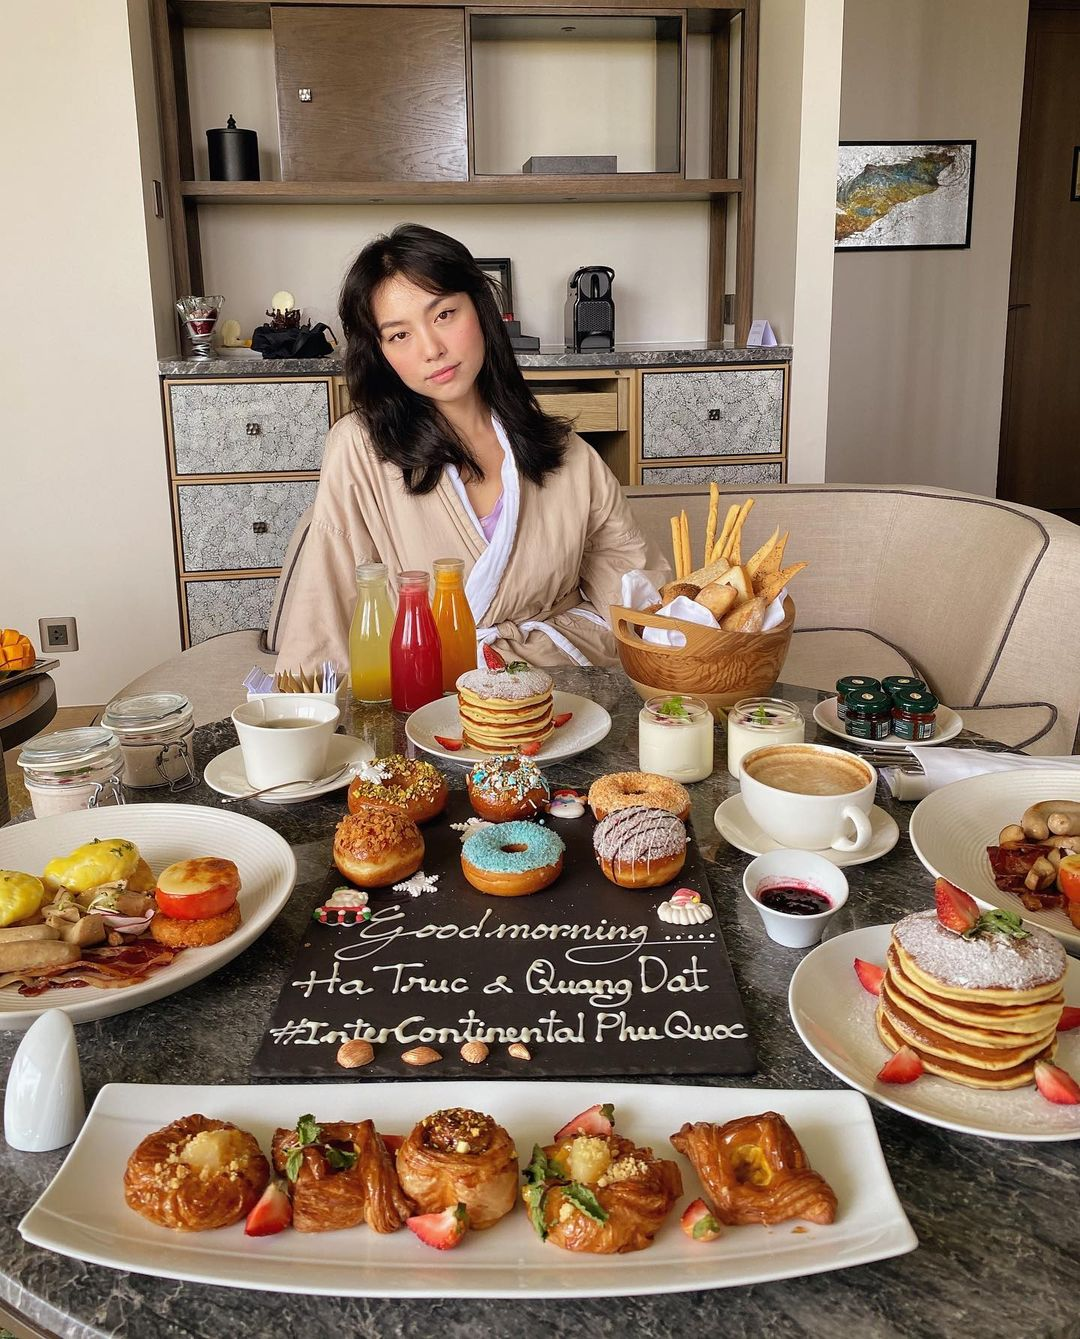 thu nhập khủng từ nghề travel blogger của Lê Hà Trúc